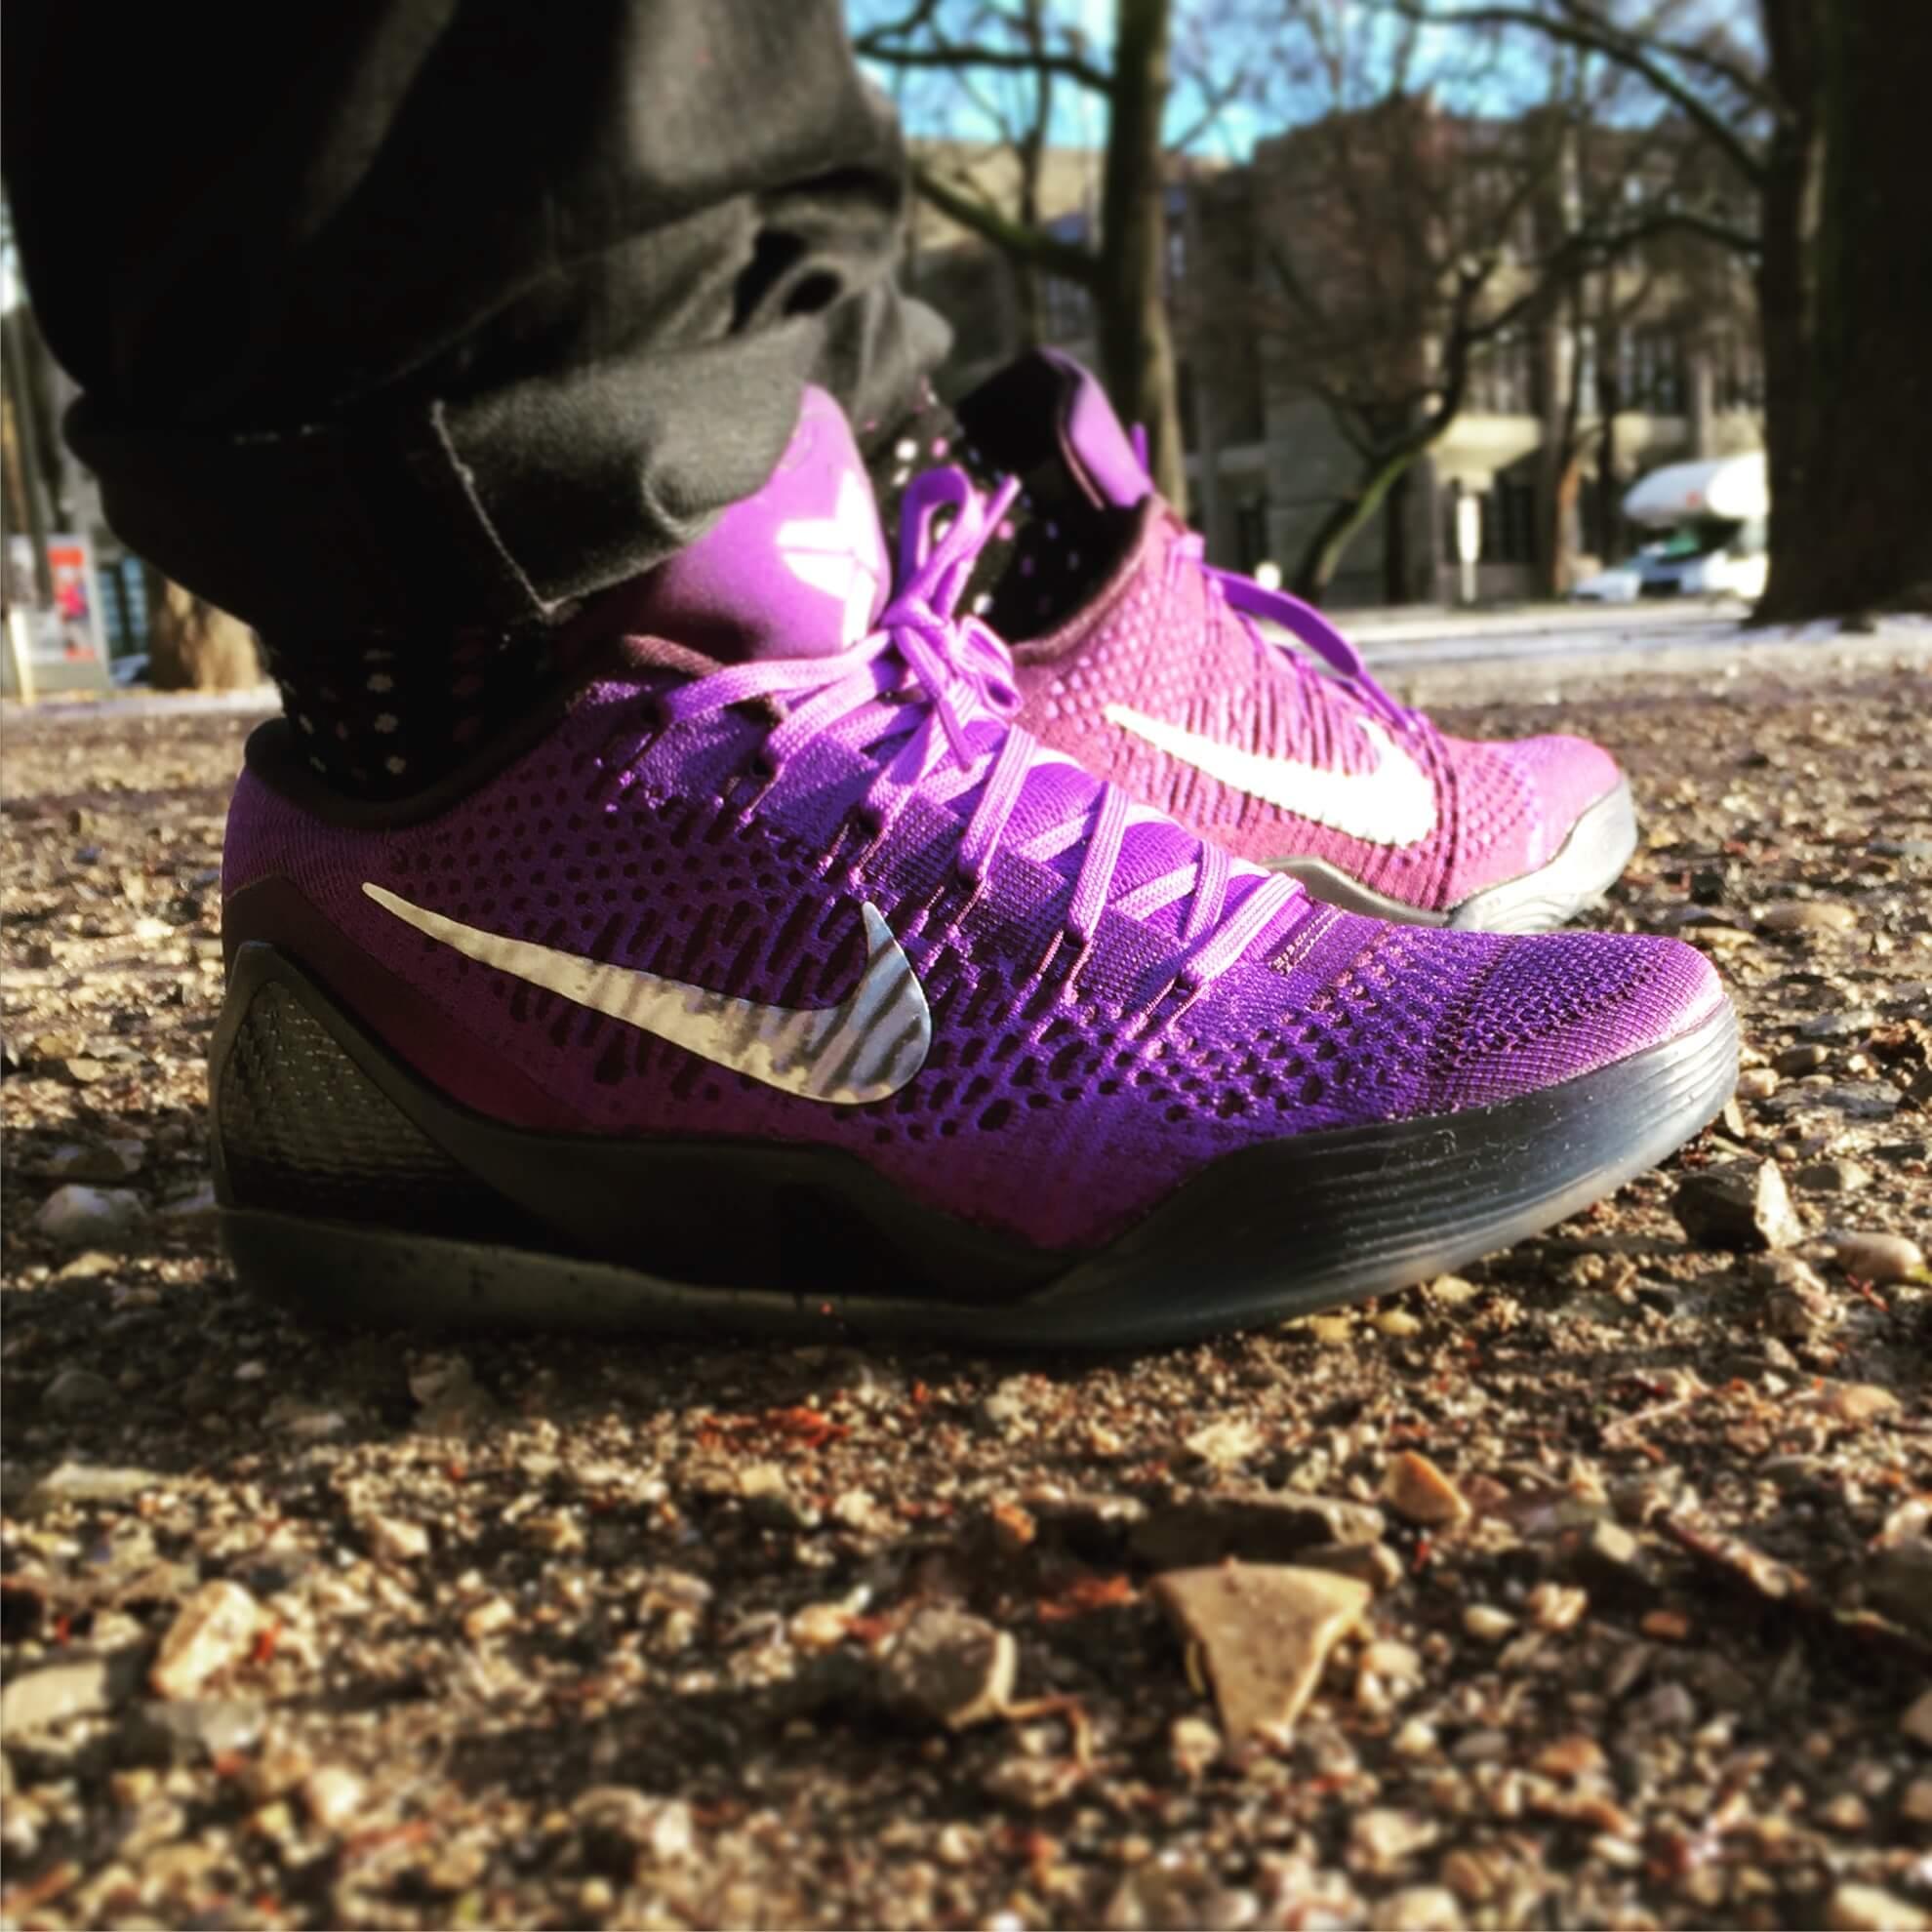 Nike-Kobe-9-Elite-Low-Moonwalker-Side-View